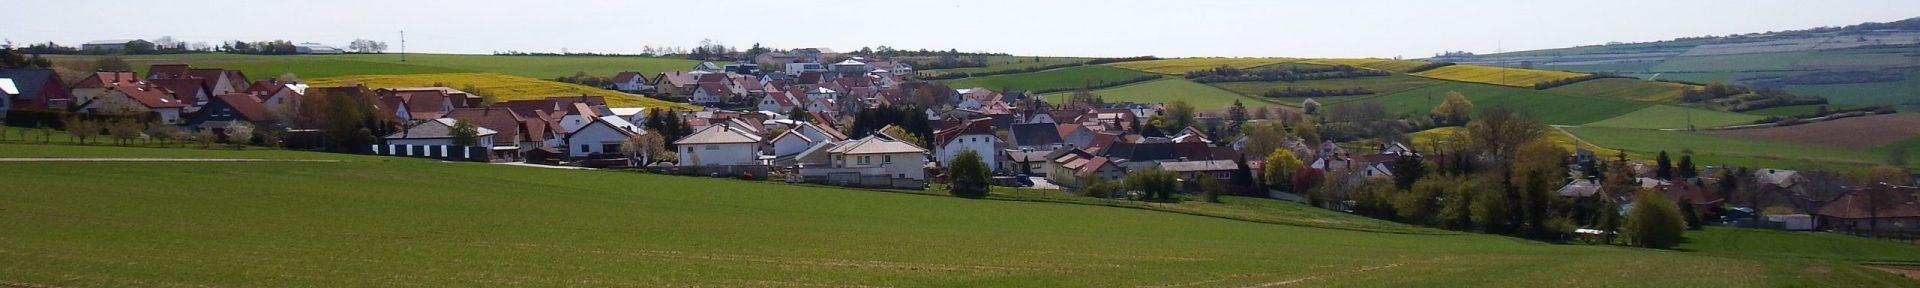 Ortsgemeinde Quirnheim